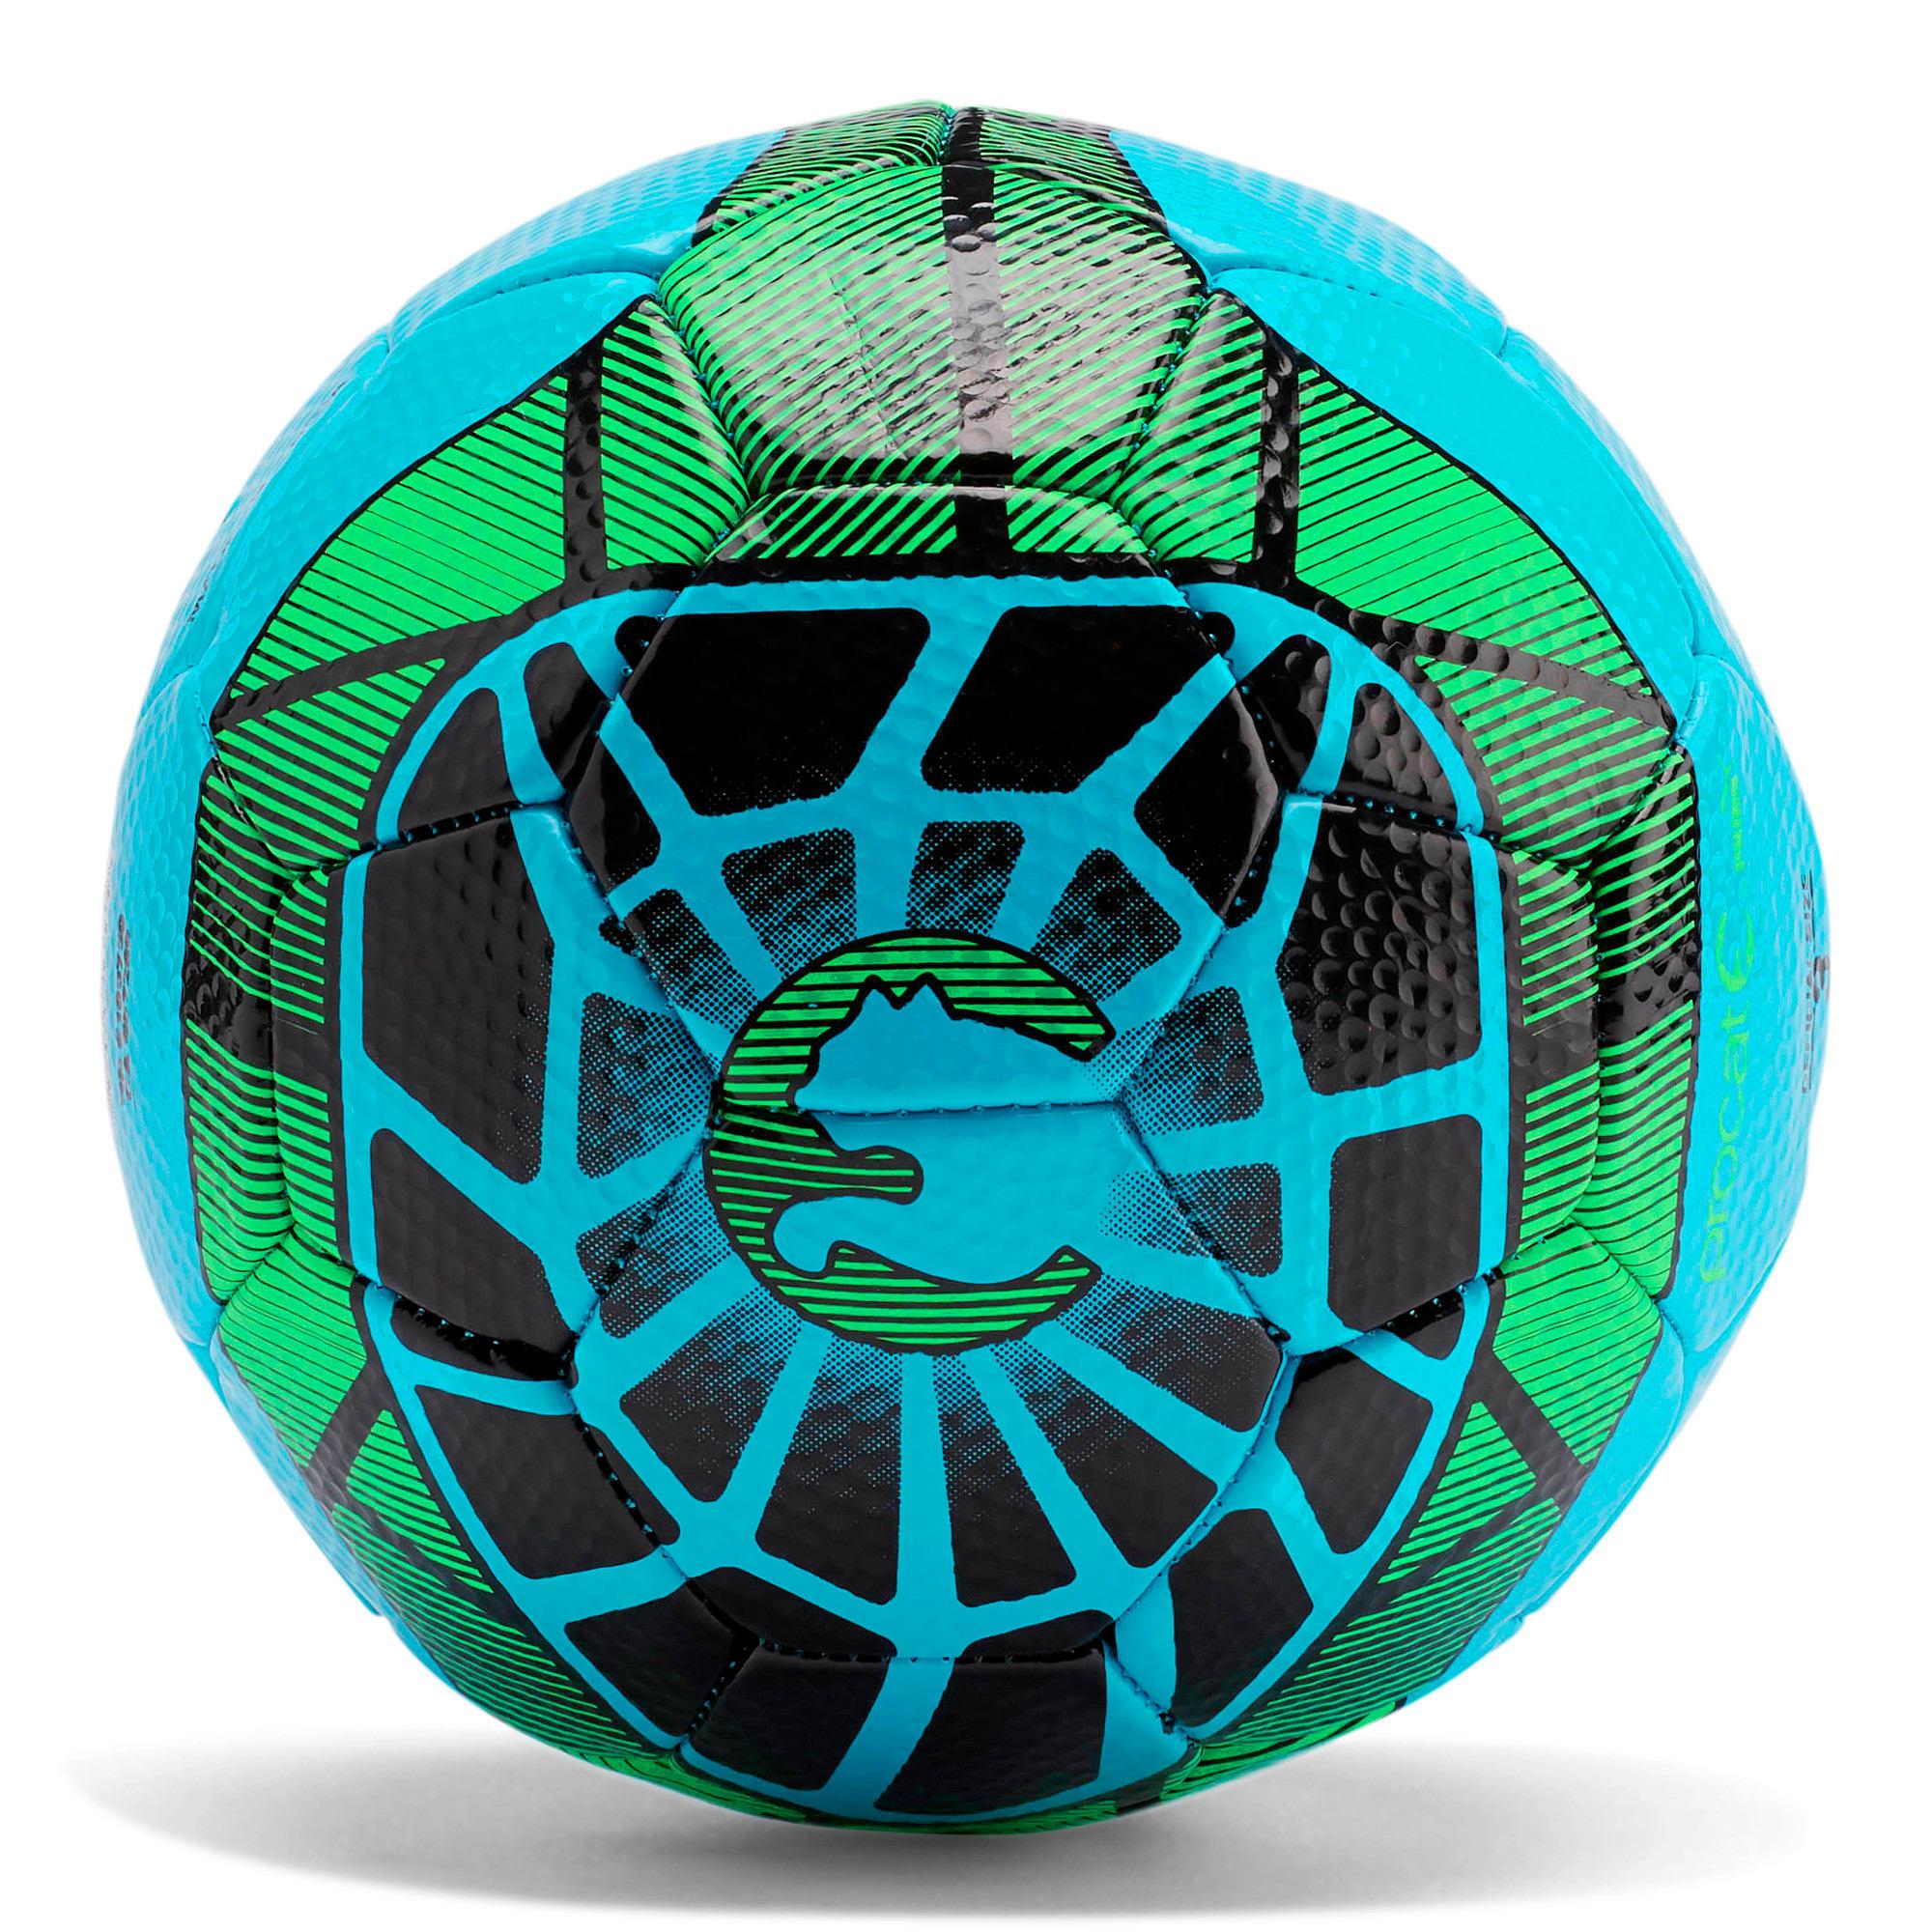 Thumbnail 1 of ProCat Geomax Soccer Ball, CYANNE BLU, medium